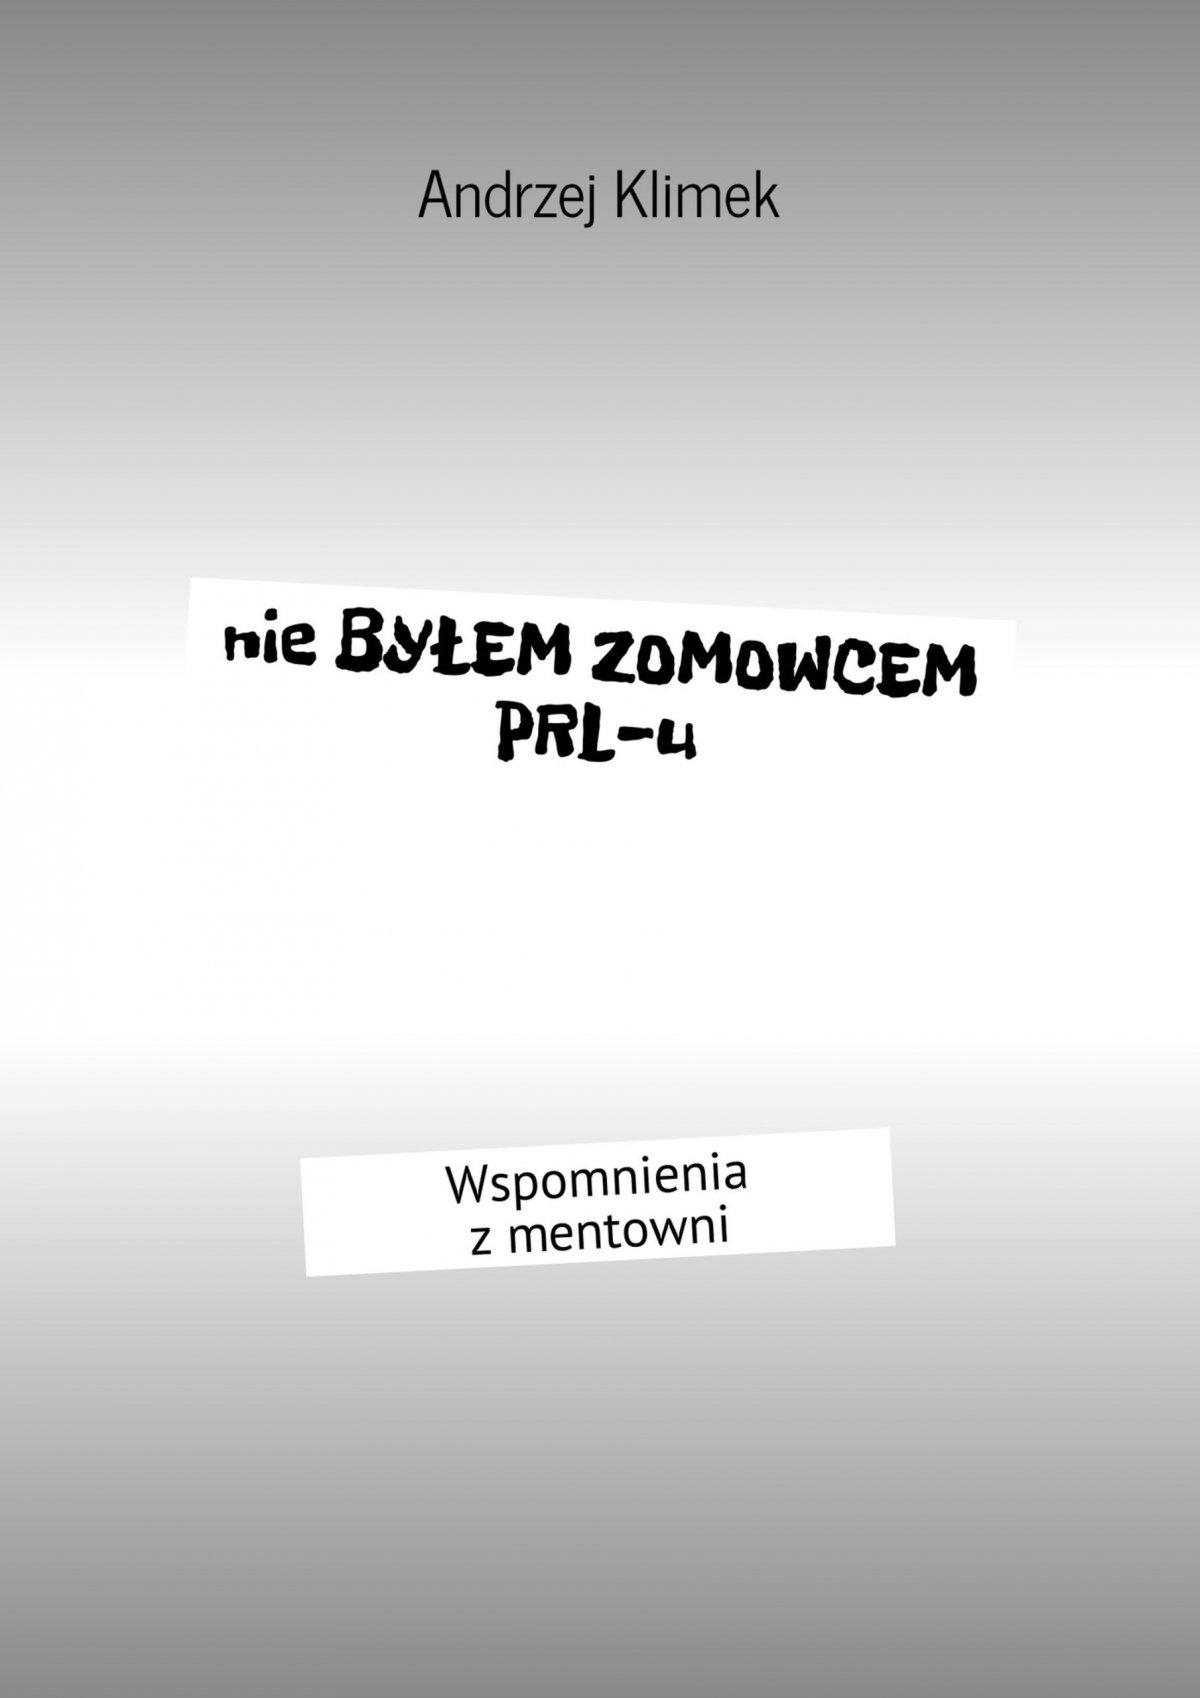 Nie byłem zomowcem PRL-u - Ebook (Książka na Kindle) do pobrania w formacie MOBI